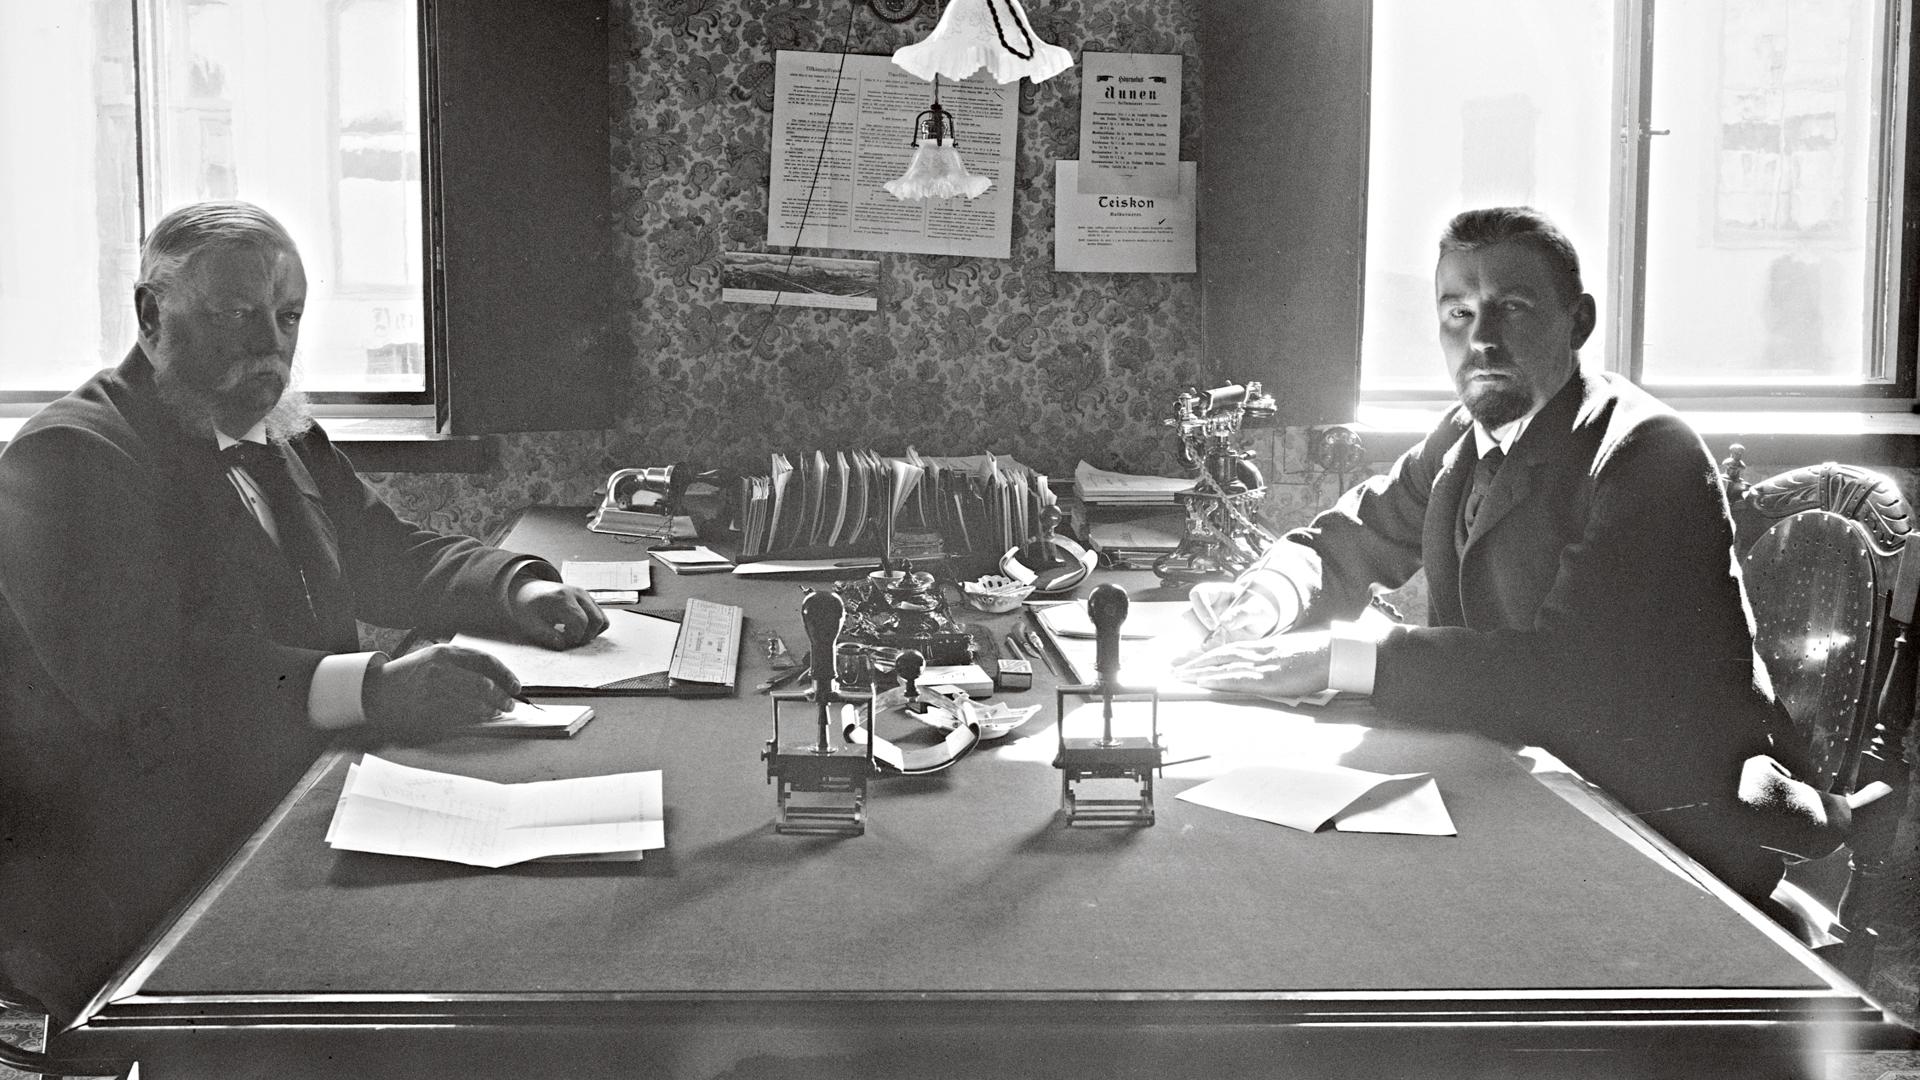 L. J. Hammare ja Nils Idman